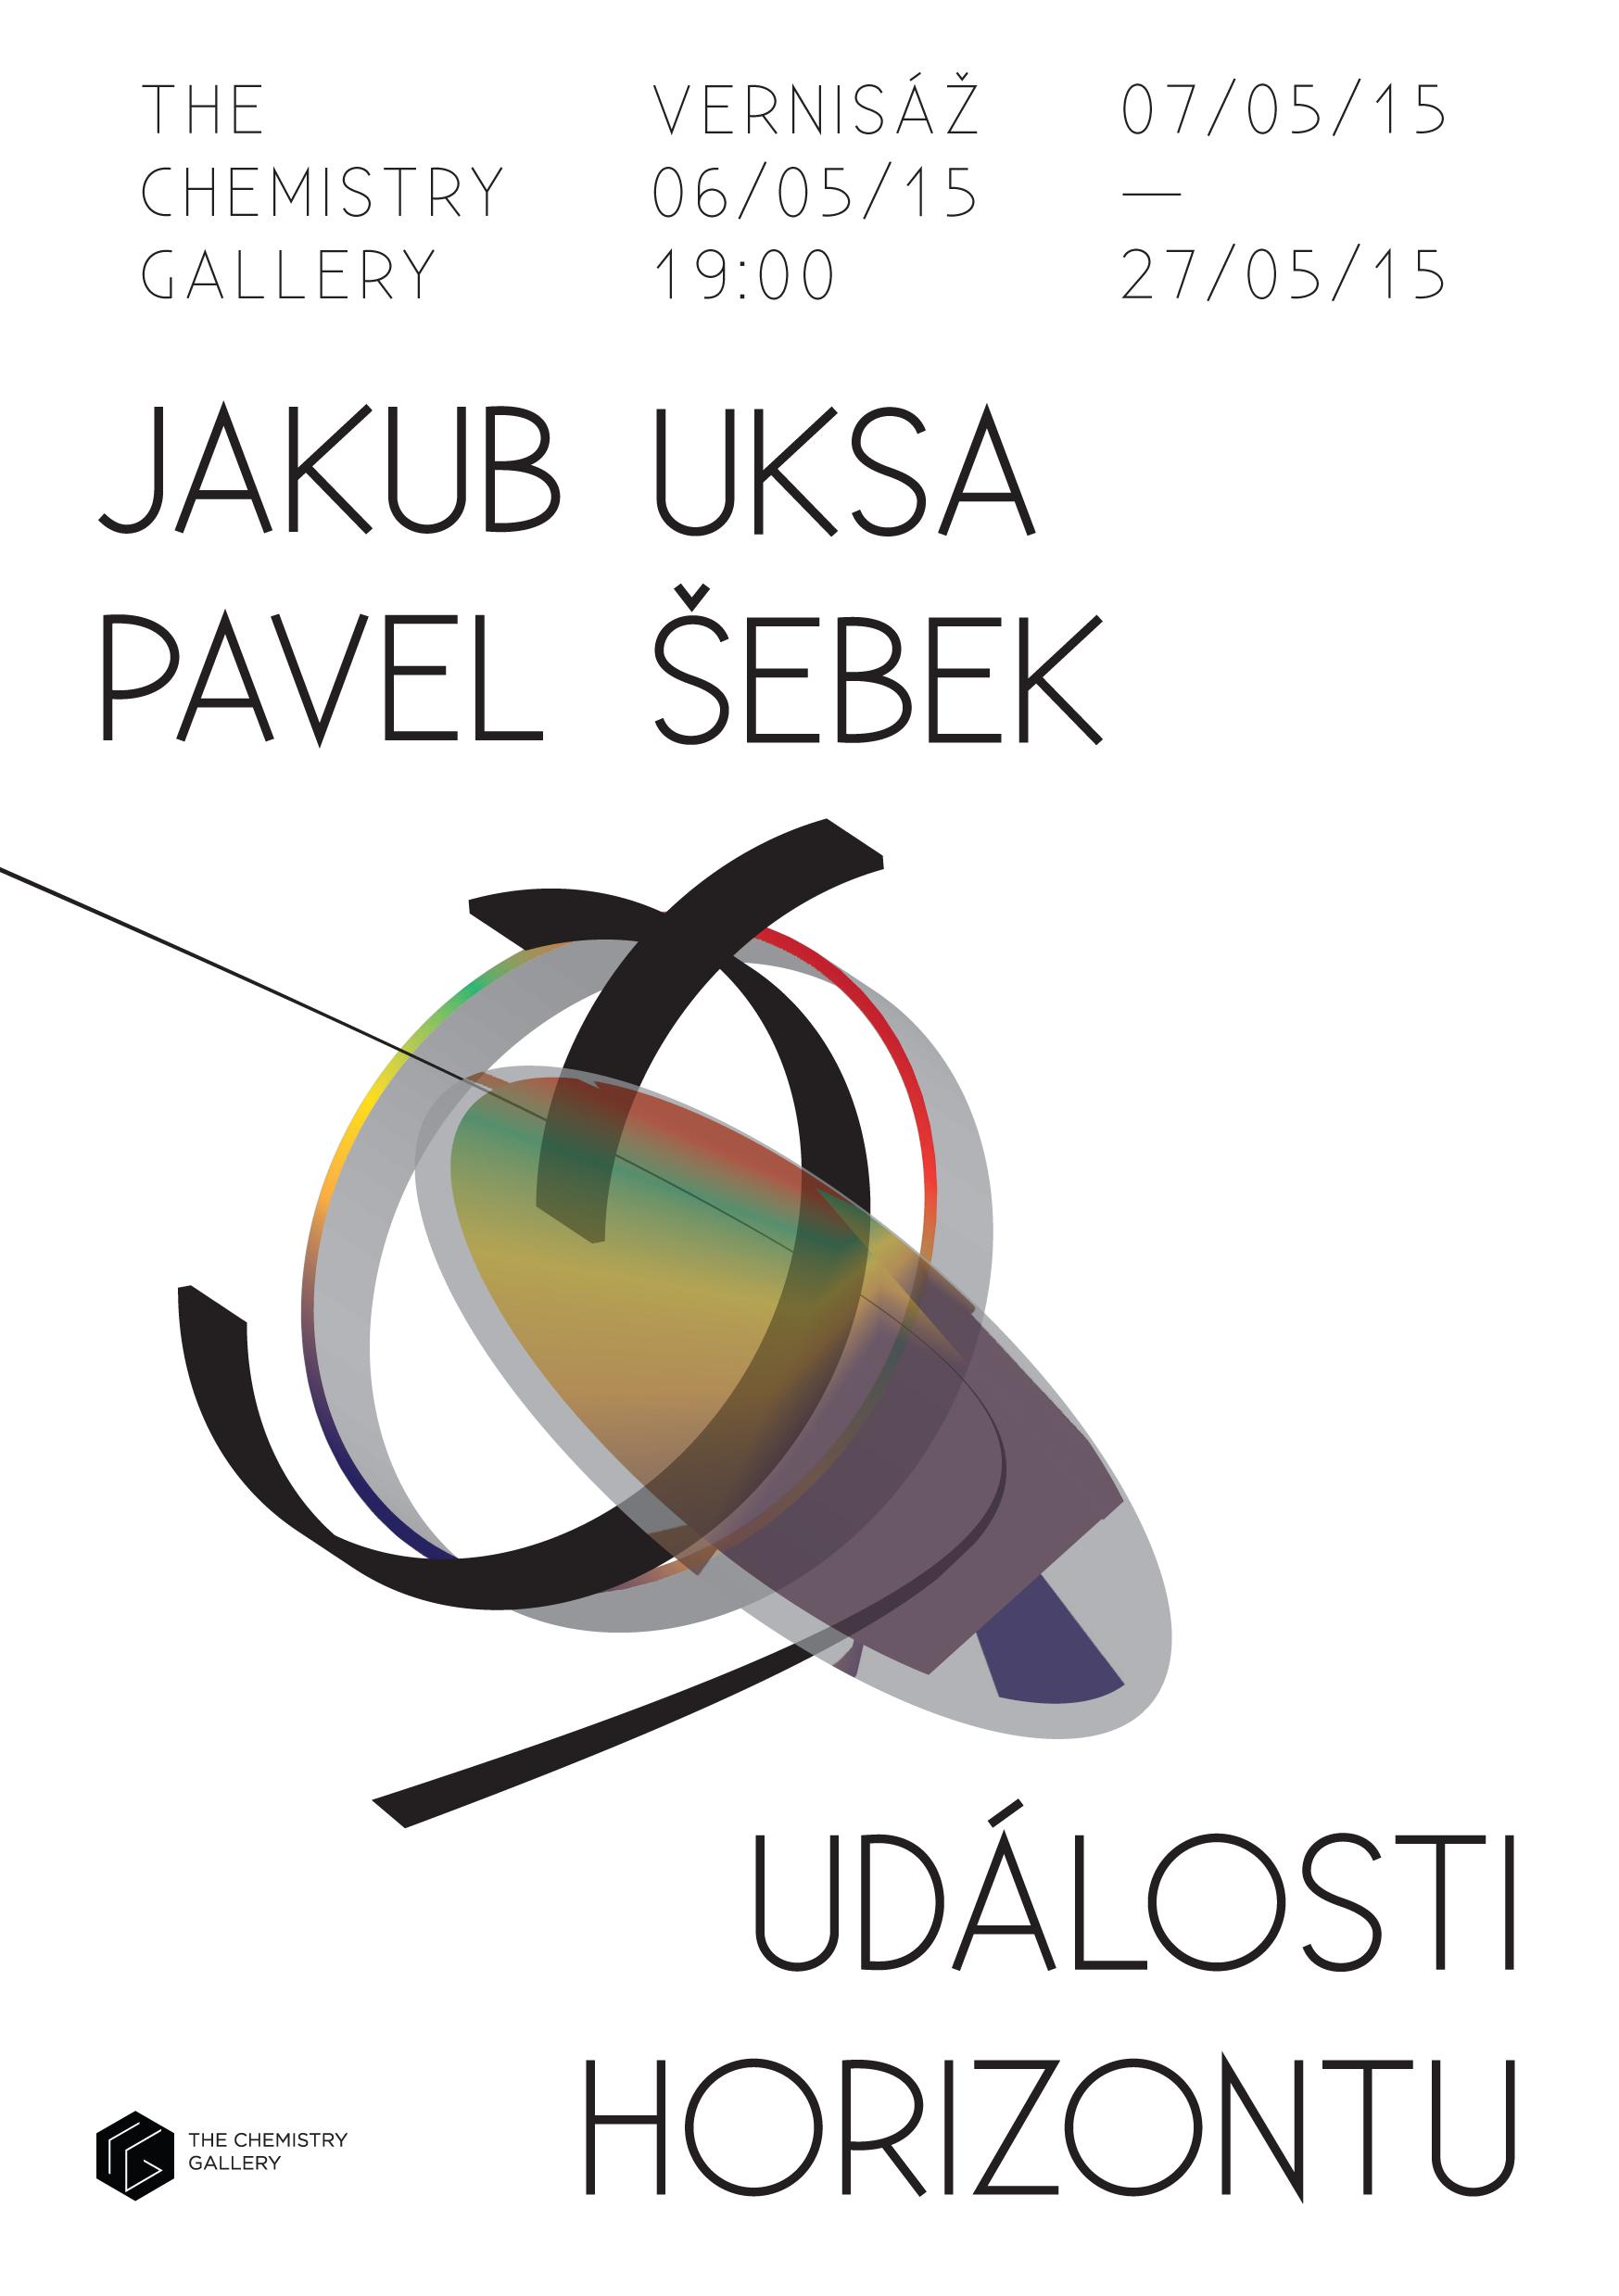 UDÁLOSTI HORIZONTU -  Jakub Uksa, Pavel Šebek